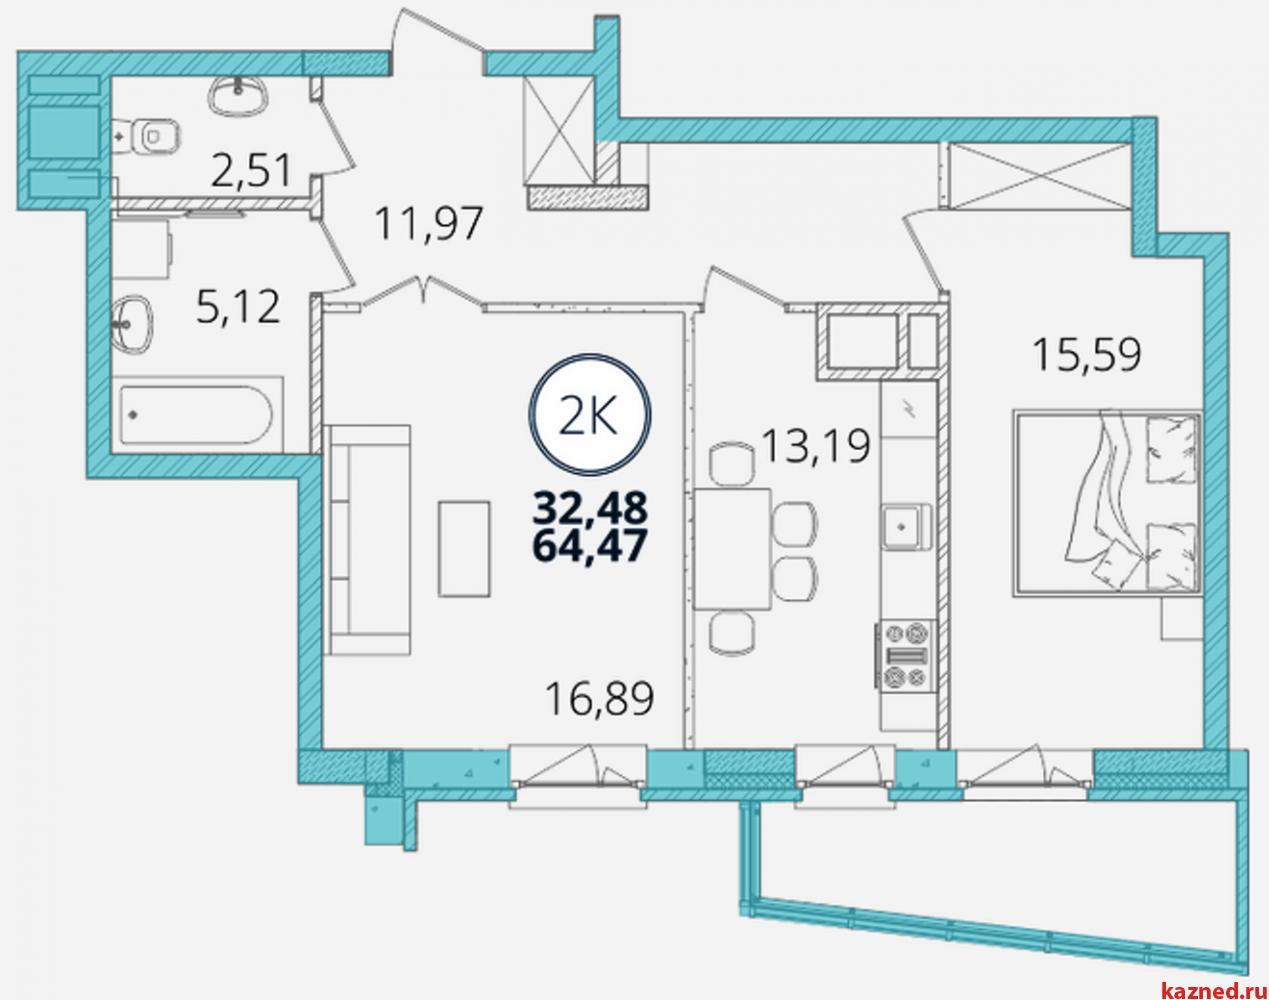 Продажа 2-к квартиры Дубравная д. 28А, 65 м2  (миниатюра №3)